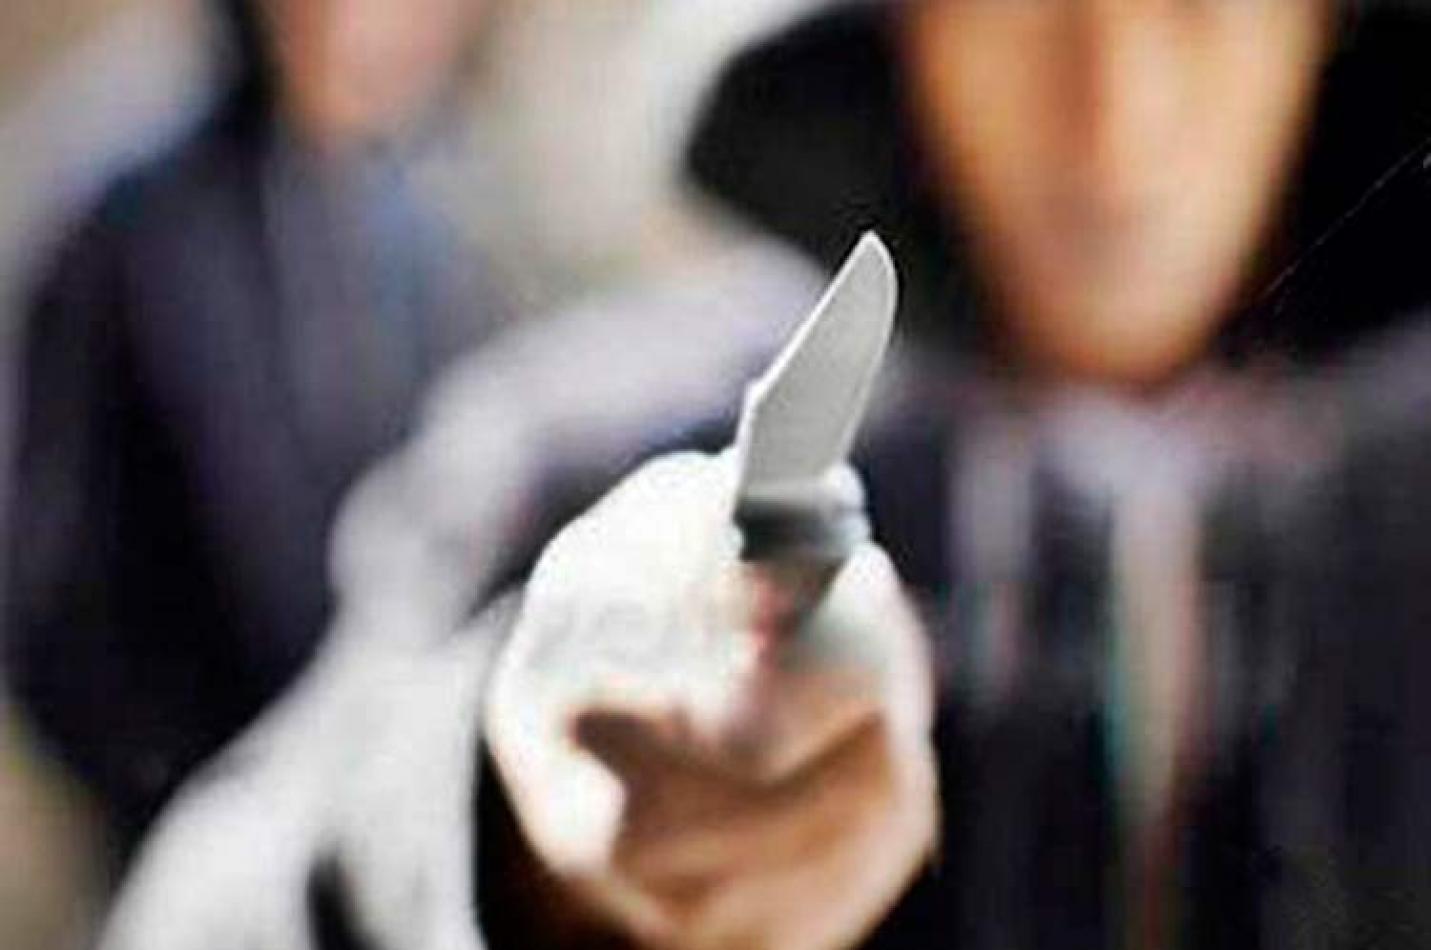 Bandidos invadem residência para roubar e esfaqueiam morador em Criciúma